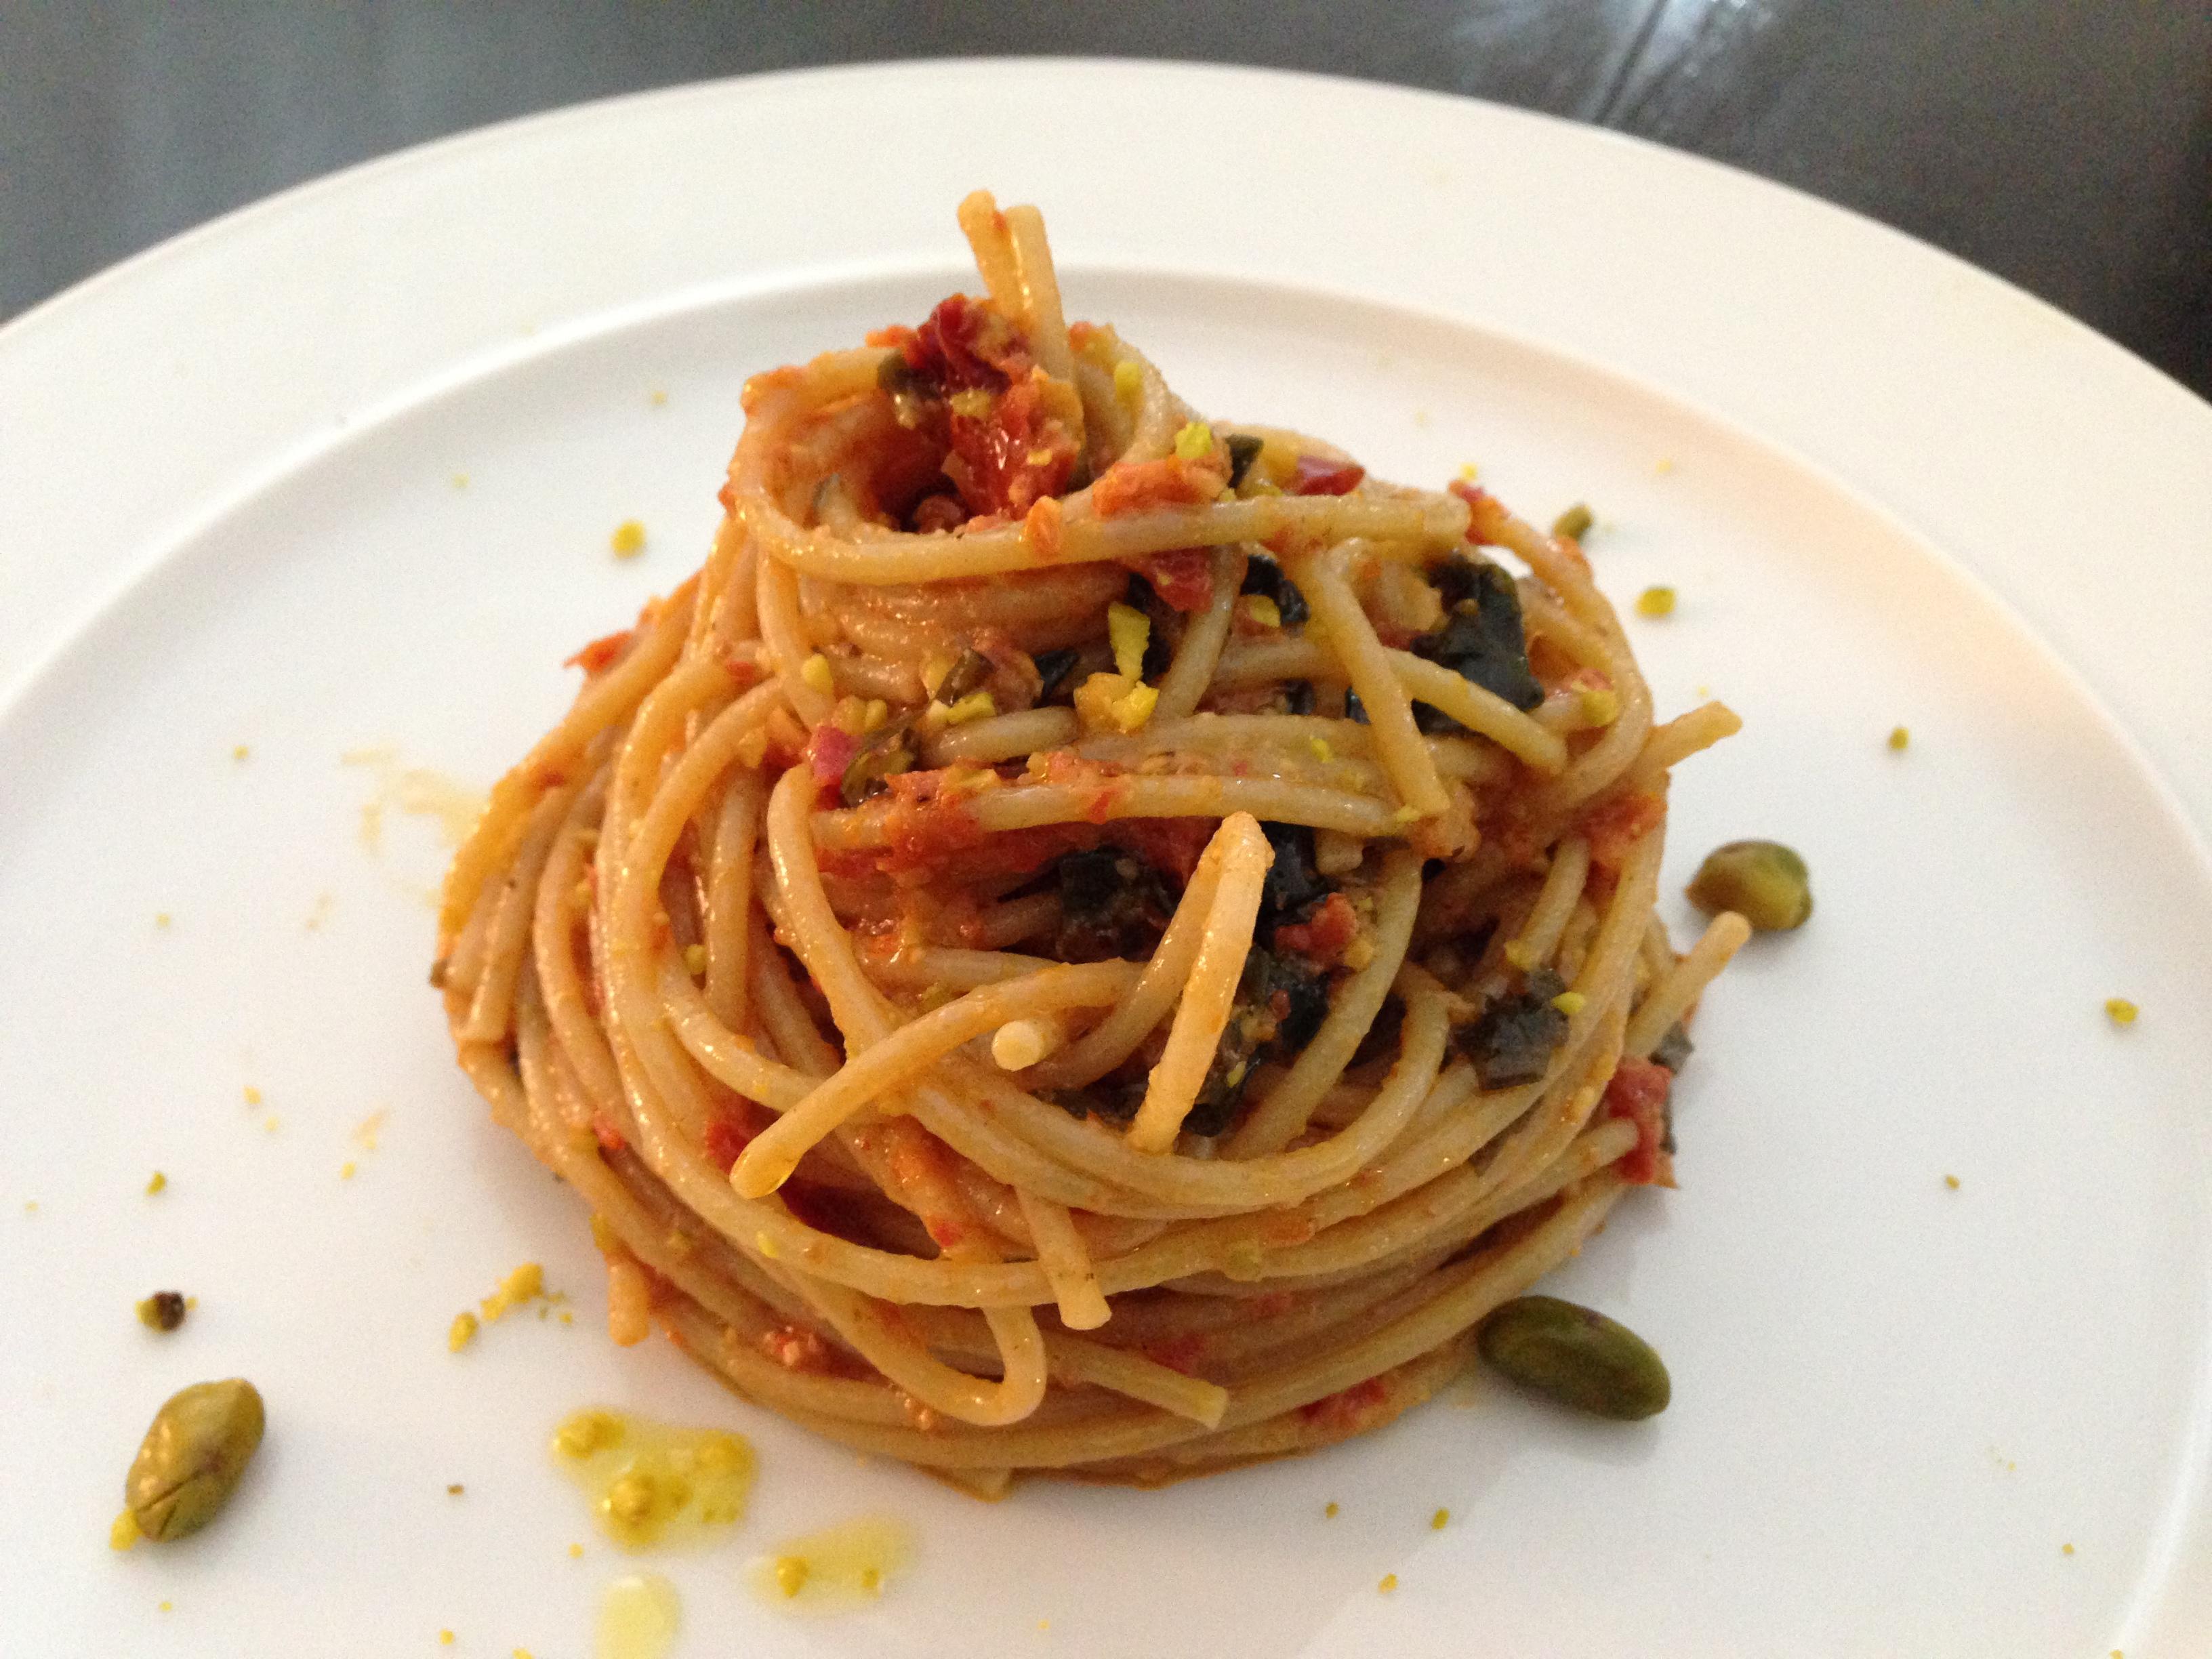 fornelli tra i libri a cucina borghese ? ramona in cucina - Cucina Vegana Roma